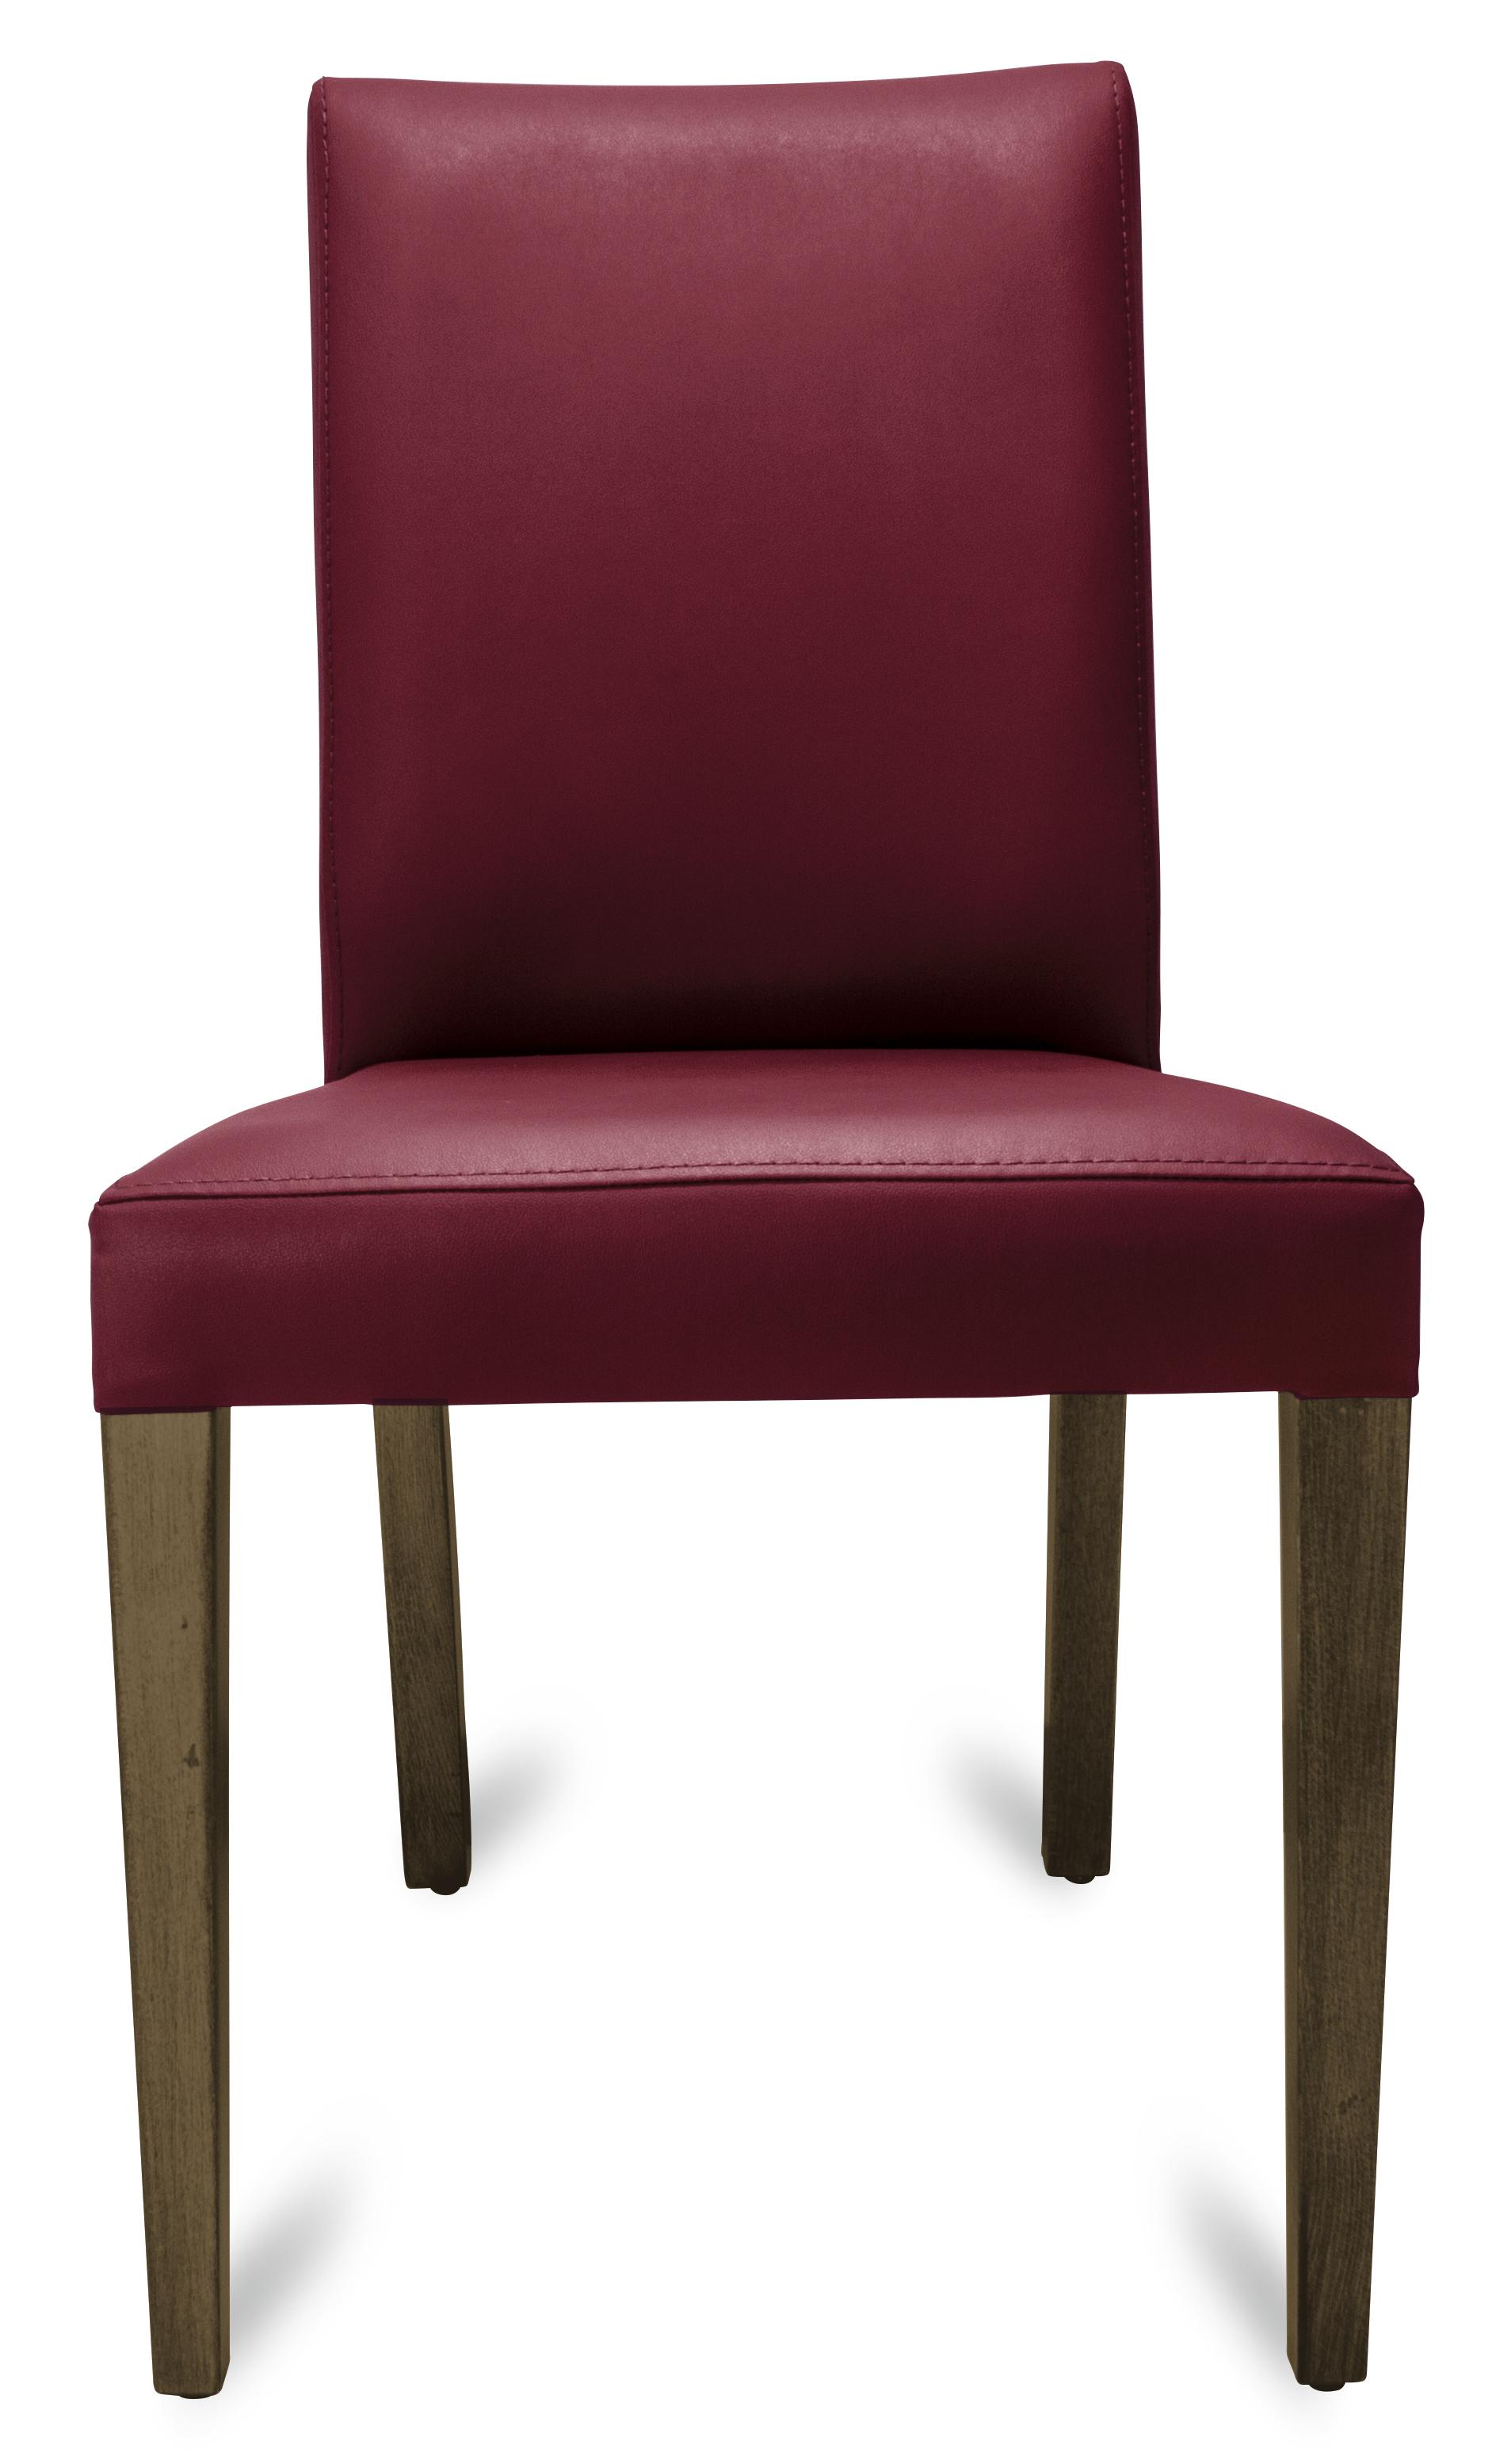 polsterstuhl gastronomie ronni bordeaux g nstig kaufen m bel star. Black Bedroom Furniture Sets. Home Design Ideas